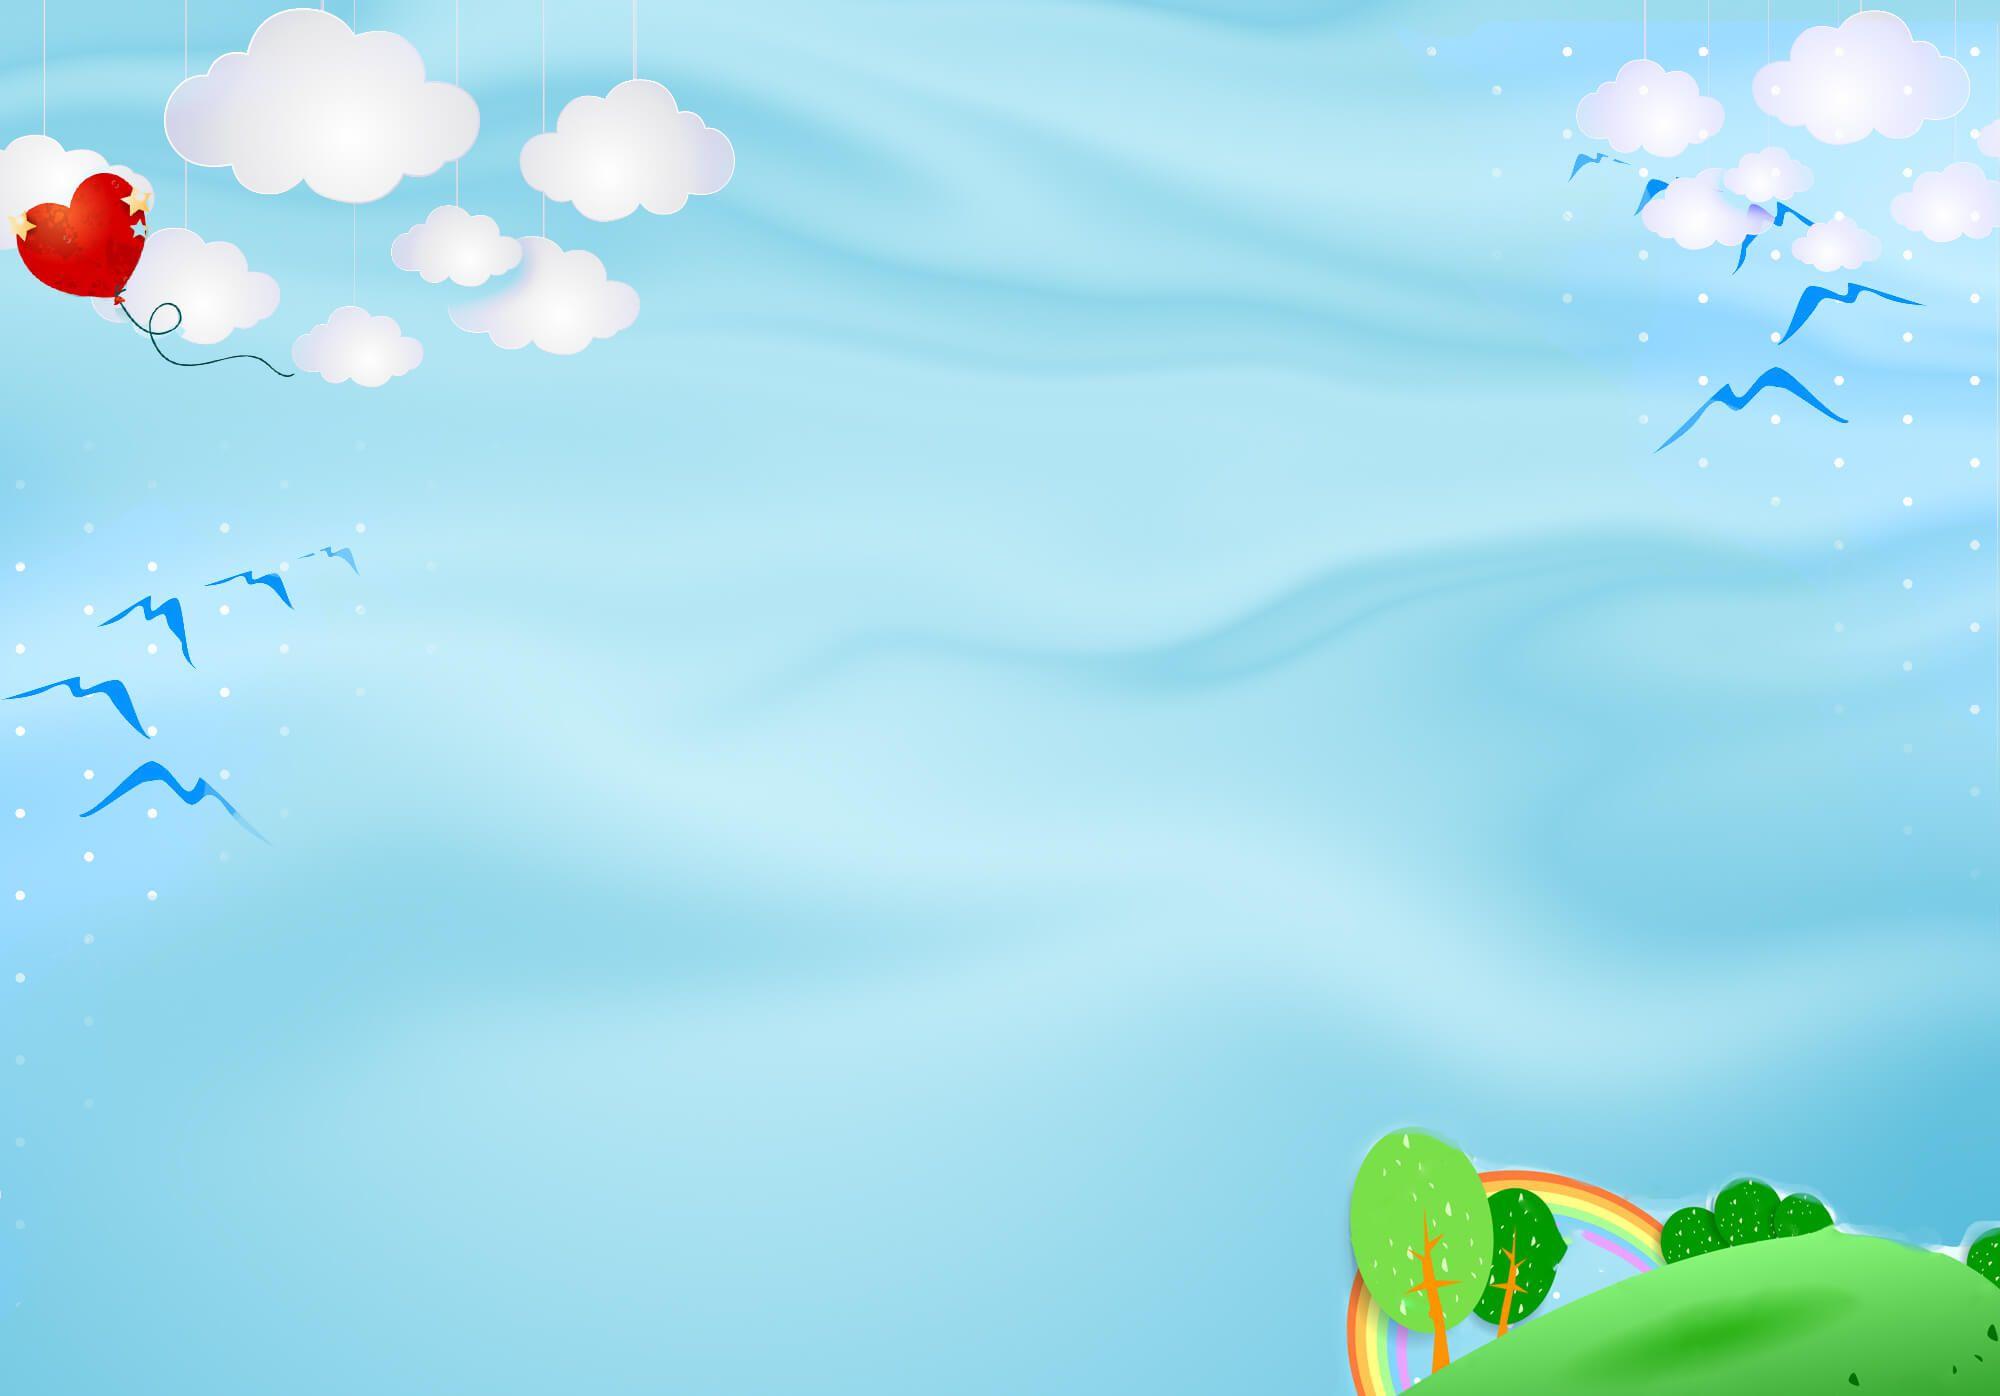 Background mây xanh khai giảng cực đẹp